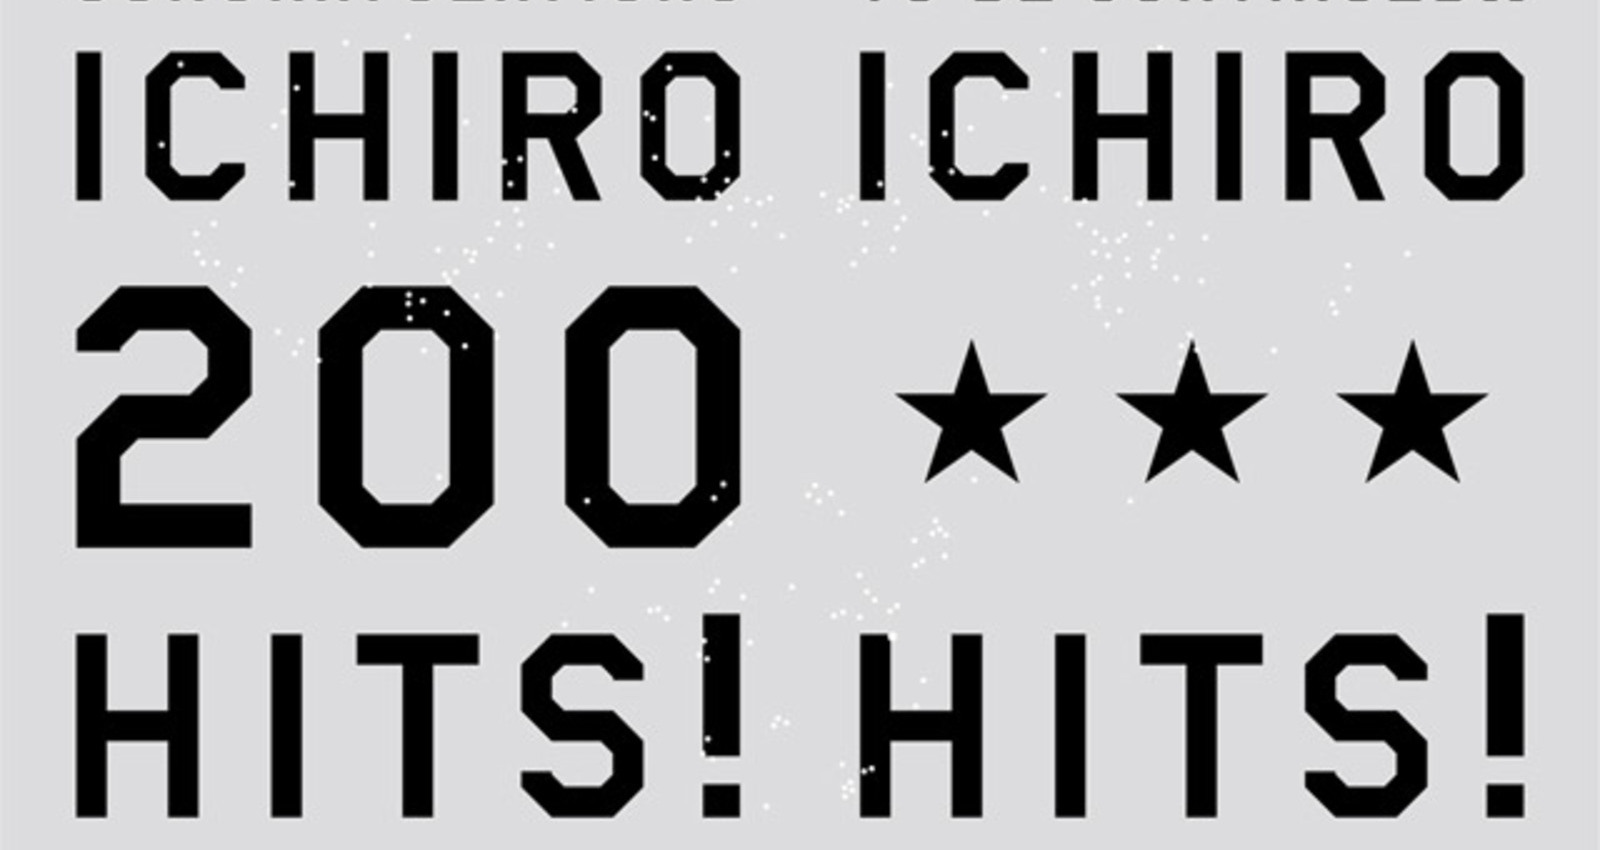 Congratulations ICHIRO